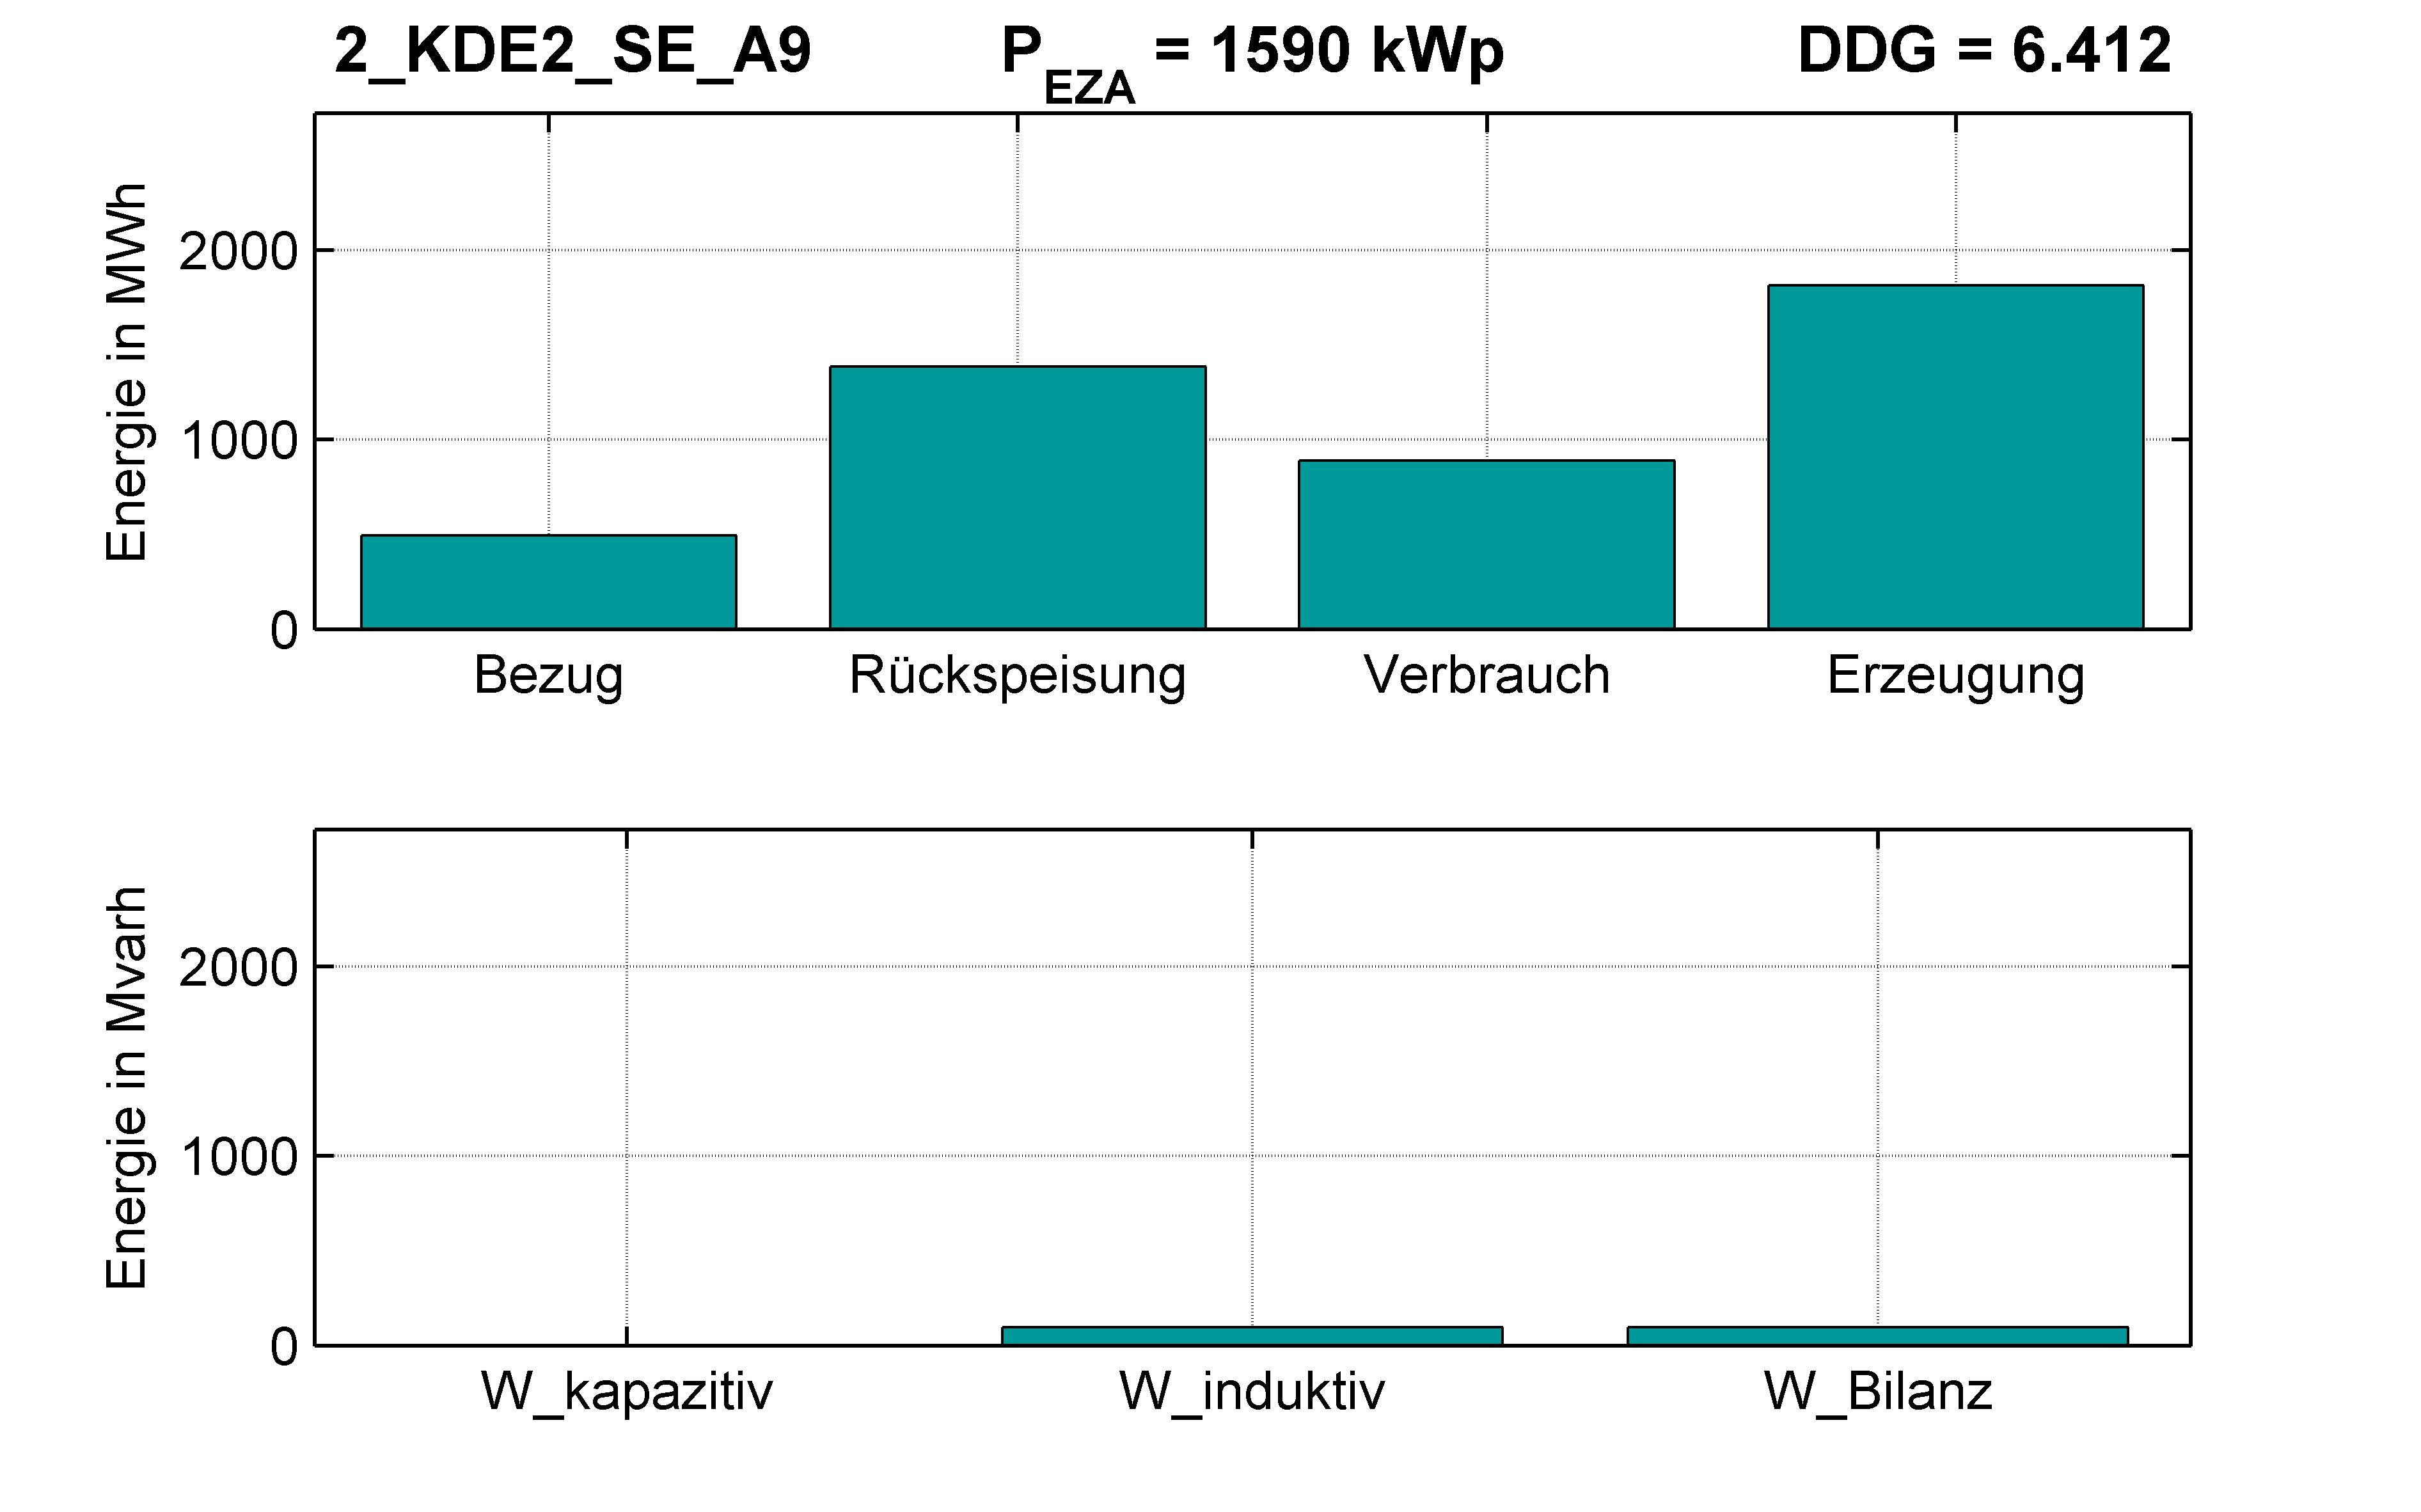 KDE2 | P-Kappung 85% (SE) A9 | PQ-Bilanz